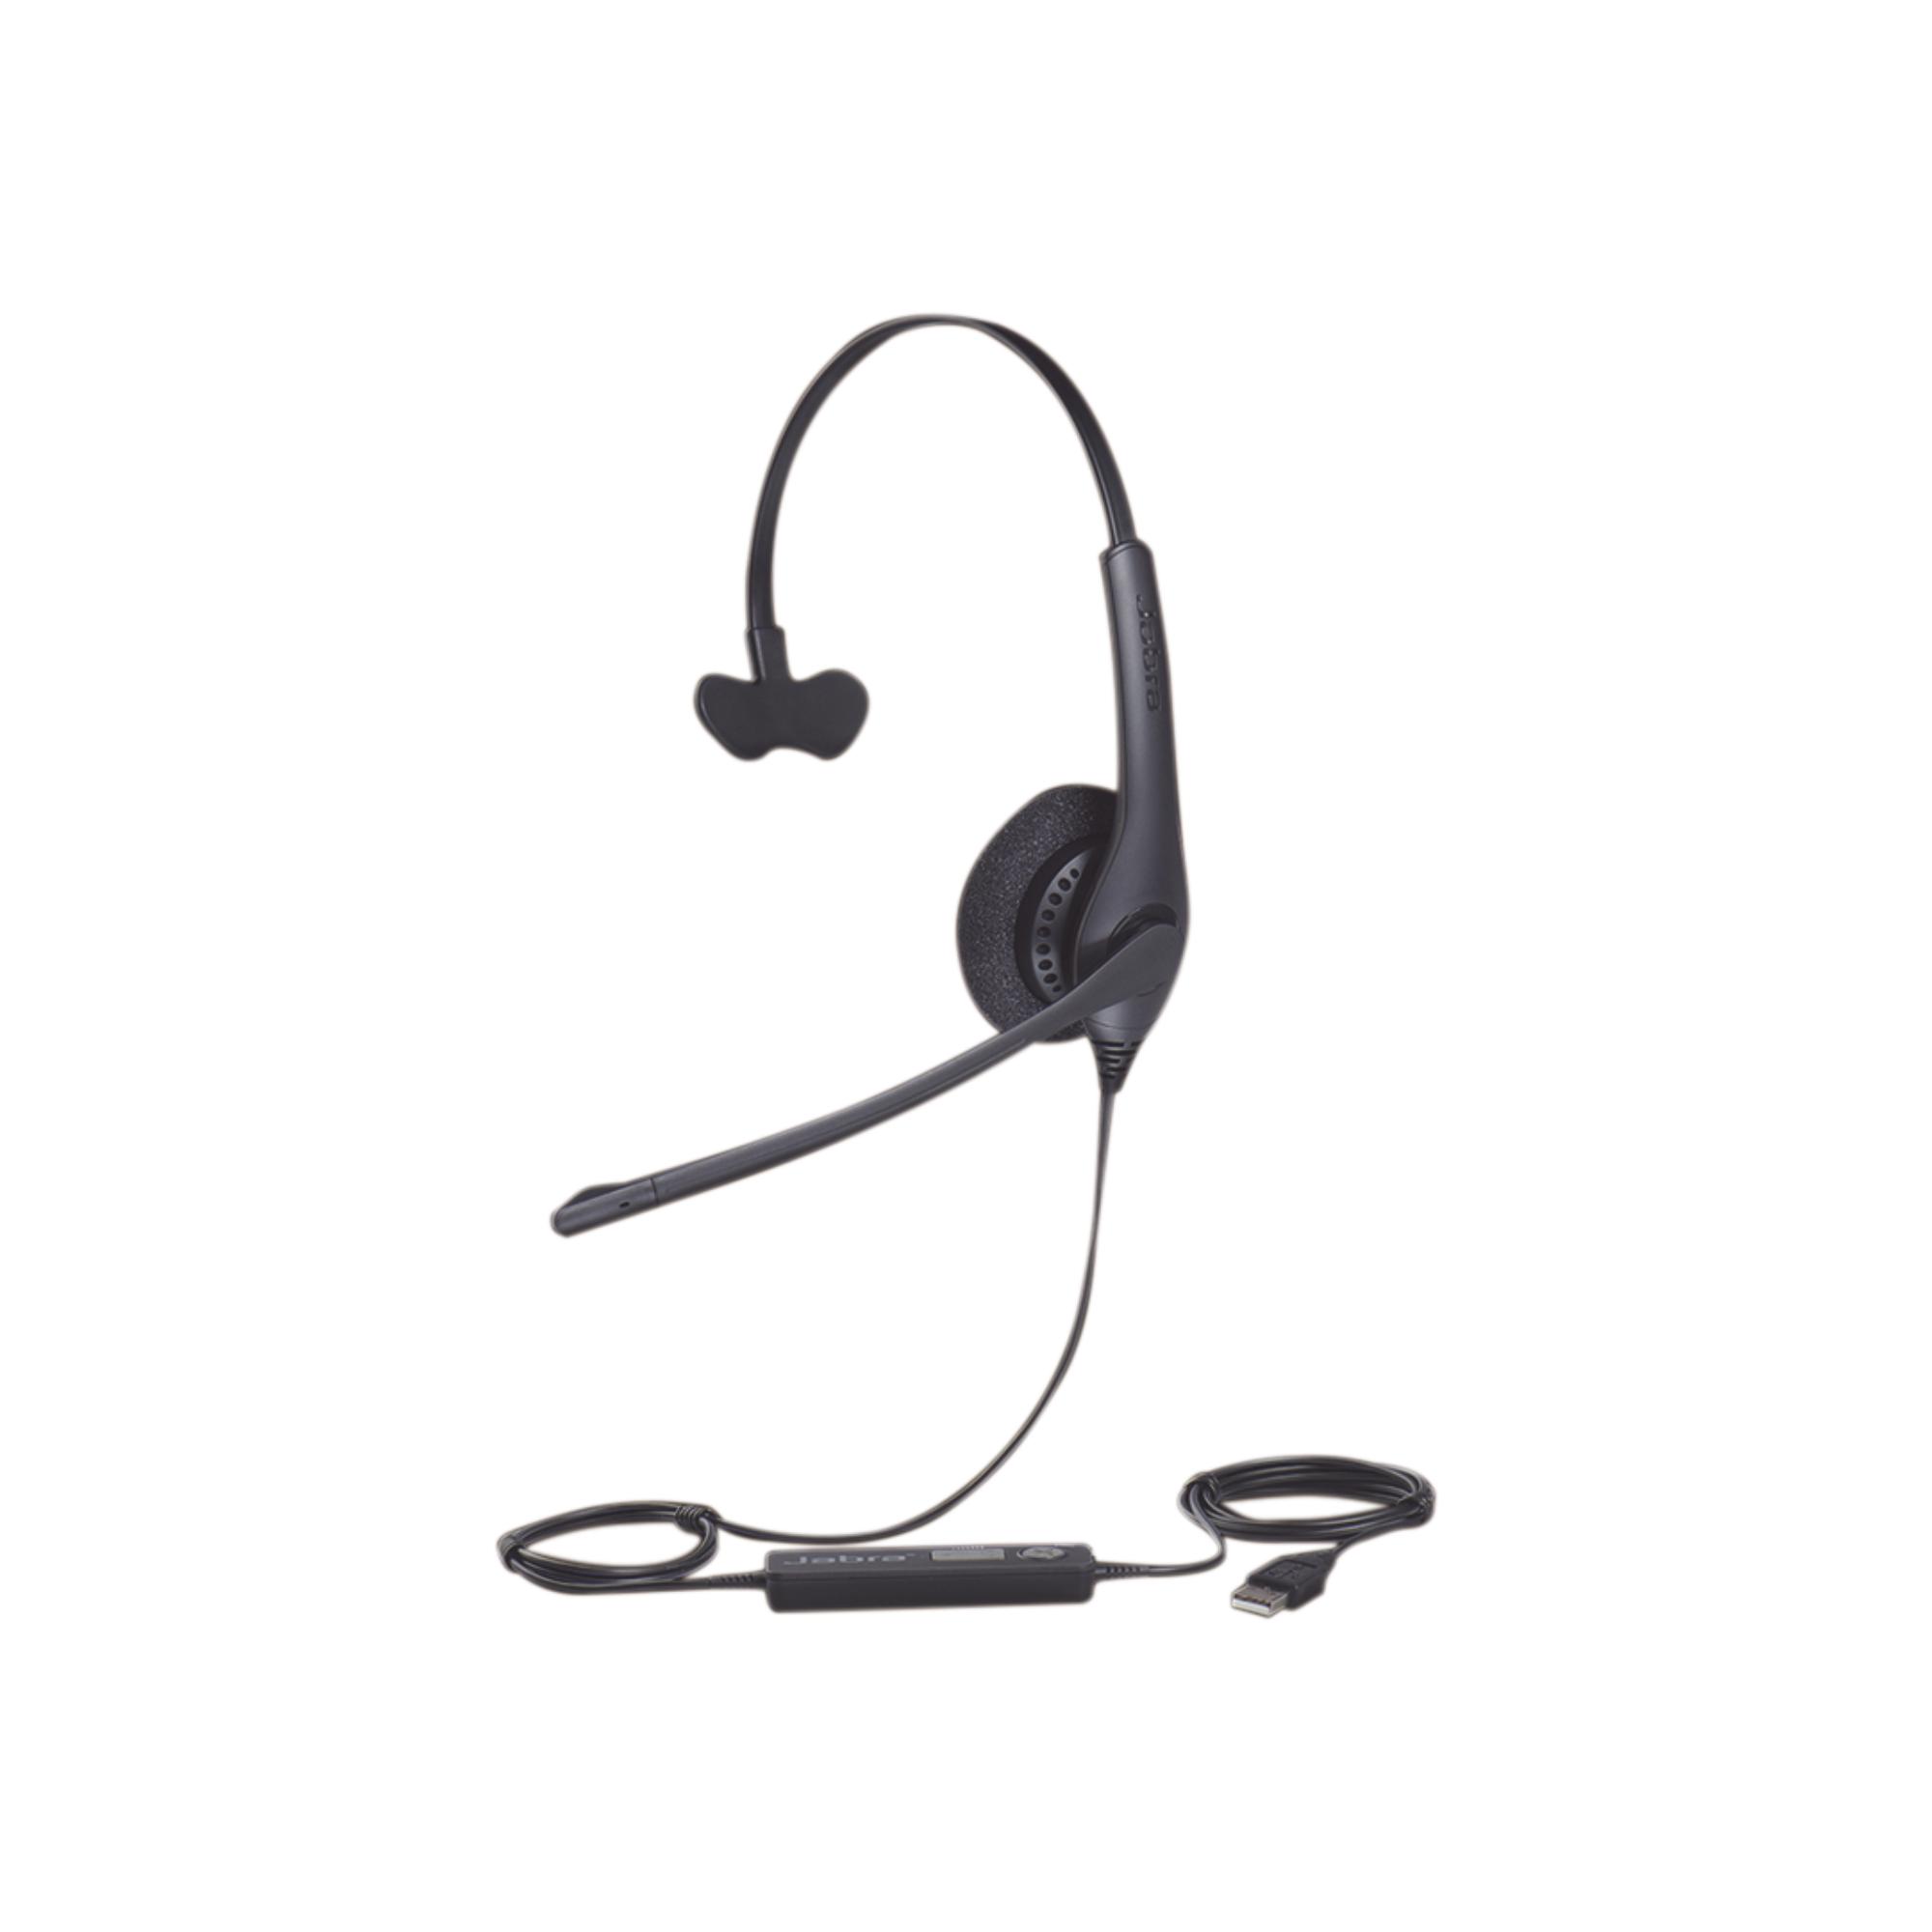 Jabra Biz 1500 Mono, auricular profesional con cancelación de ruido, con conexión USB (1553-0159)